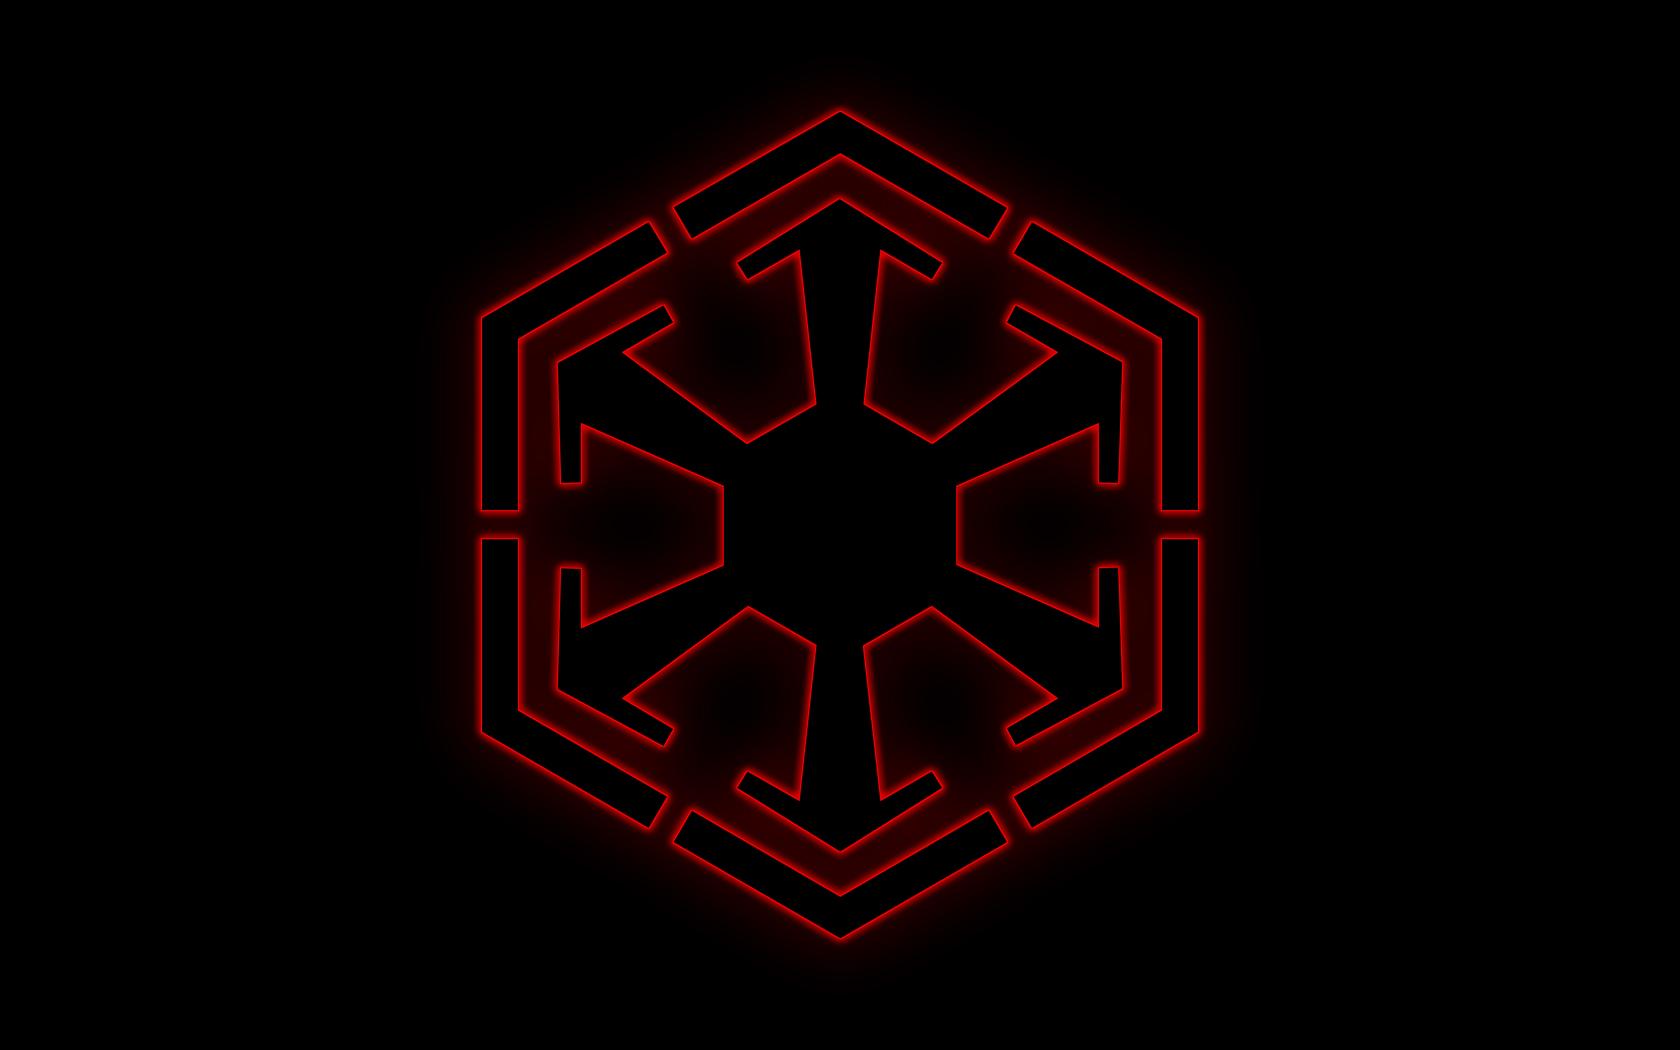 Sith Symbol Wallpaper - WallpaperSafari